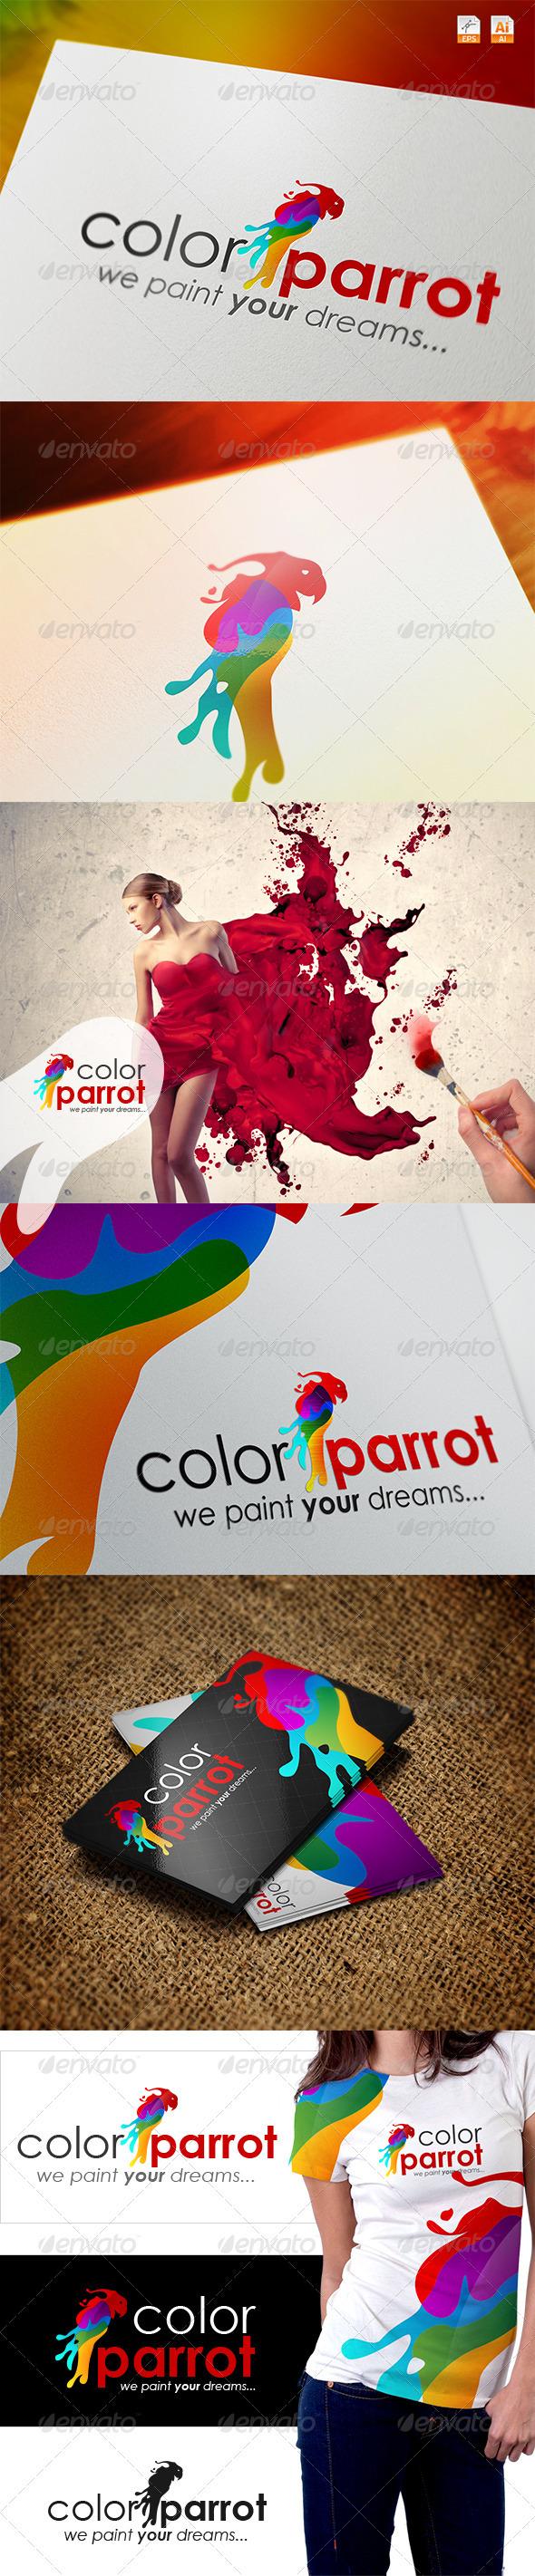 GraphicRiver Color Parrot We Paint Your Dreams Logo 3791507